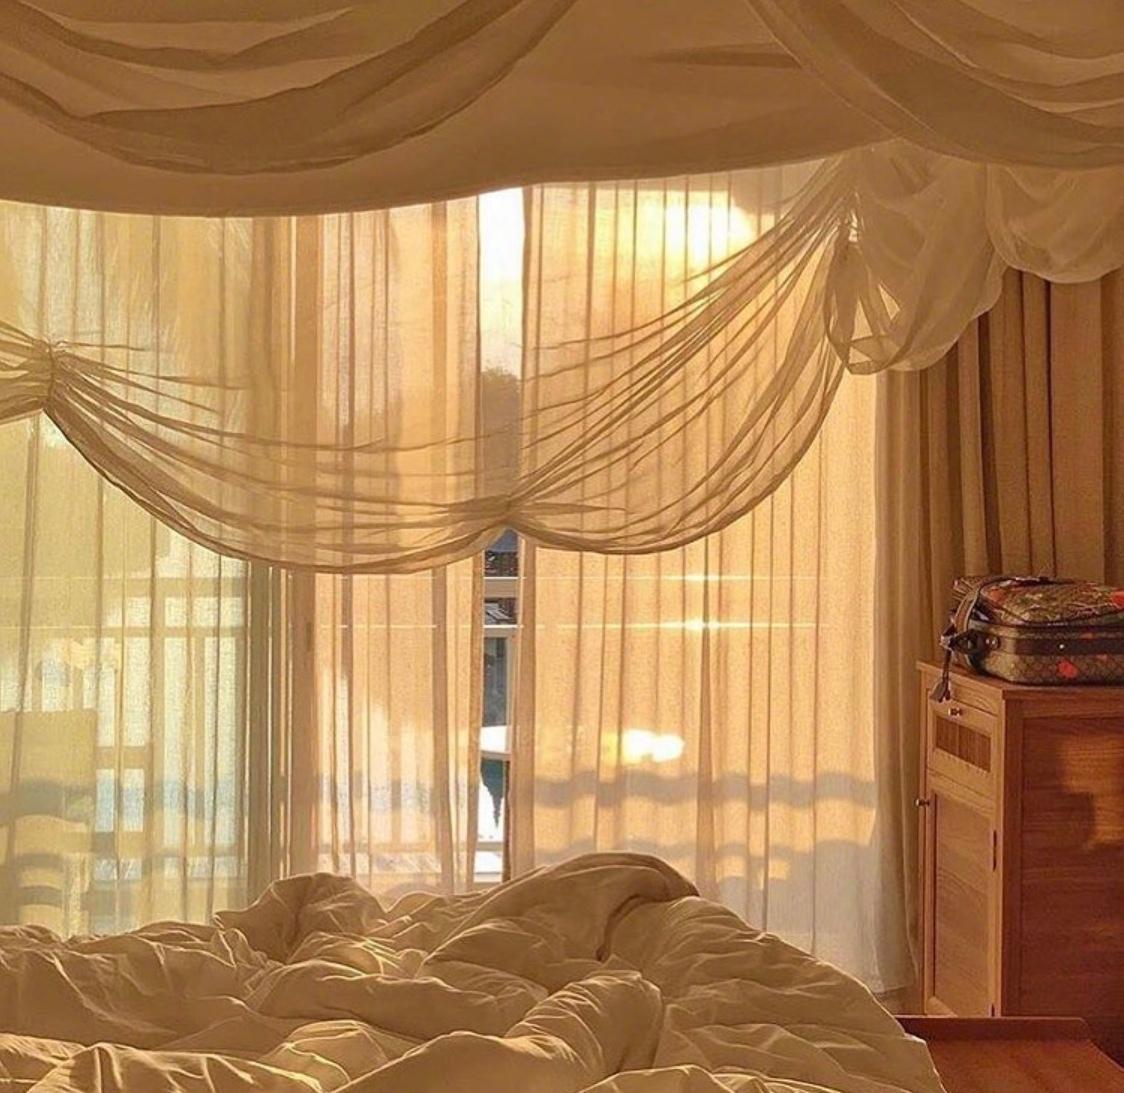 阳光通透的房间一角☀️